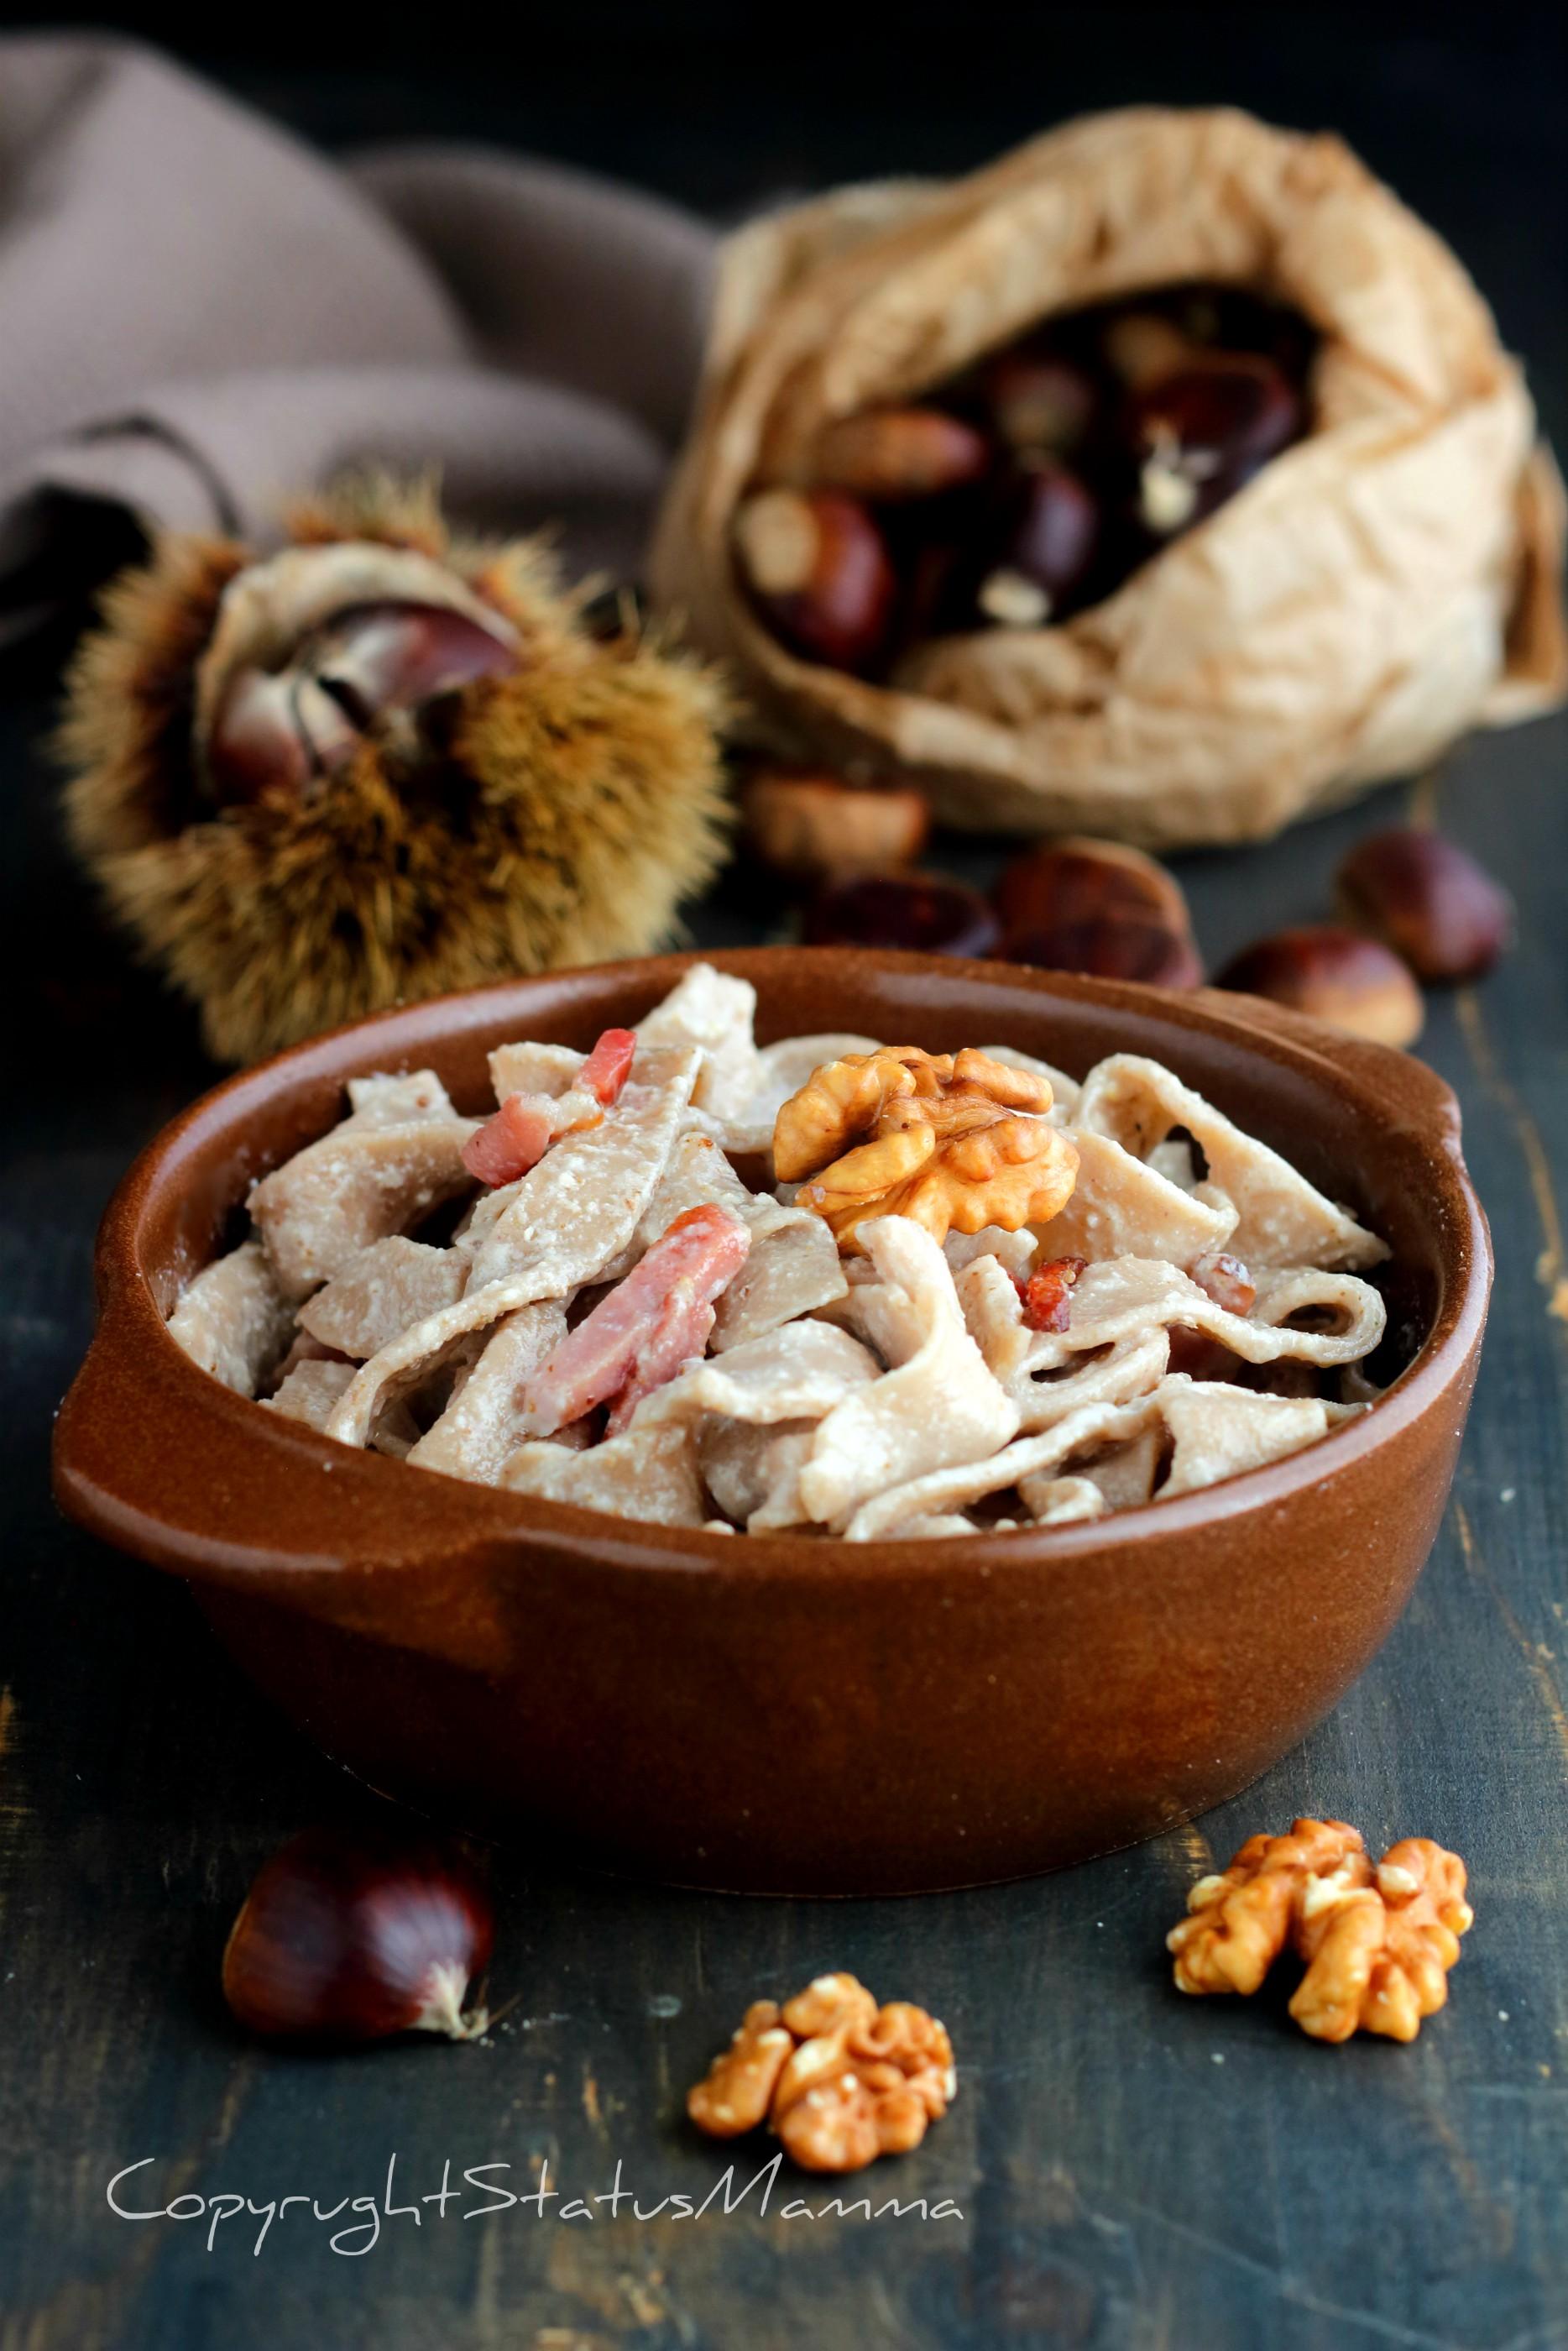 Tagliatelle con farina di castagne condite con salsa di noci e speck